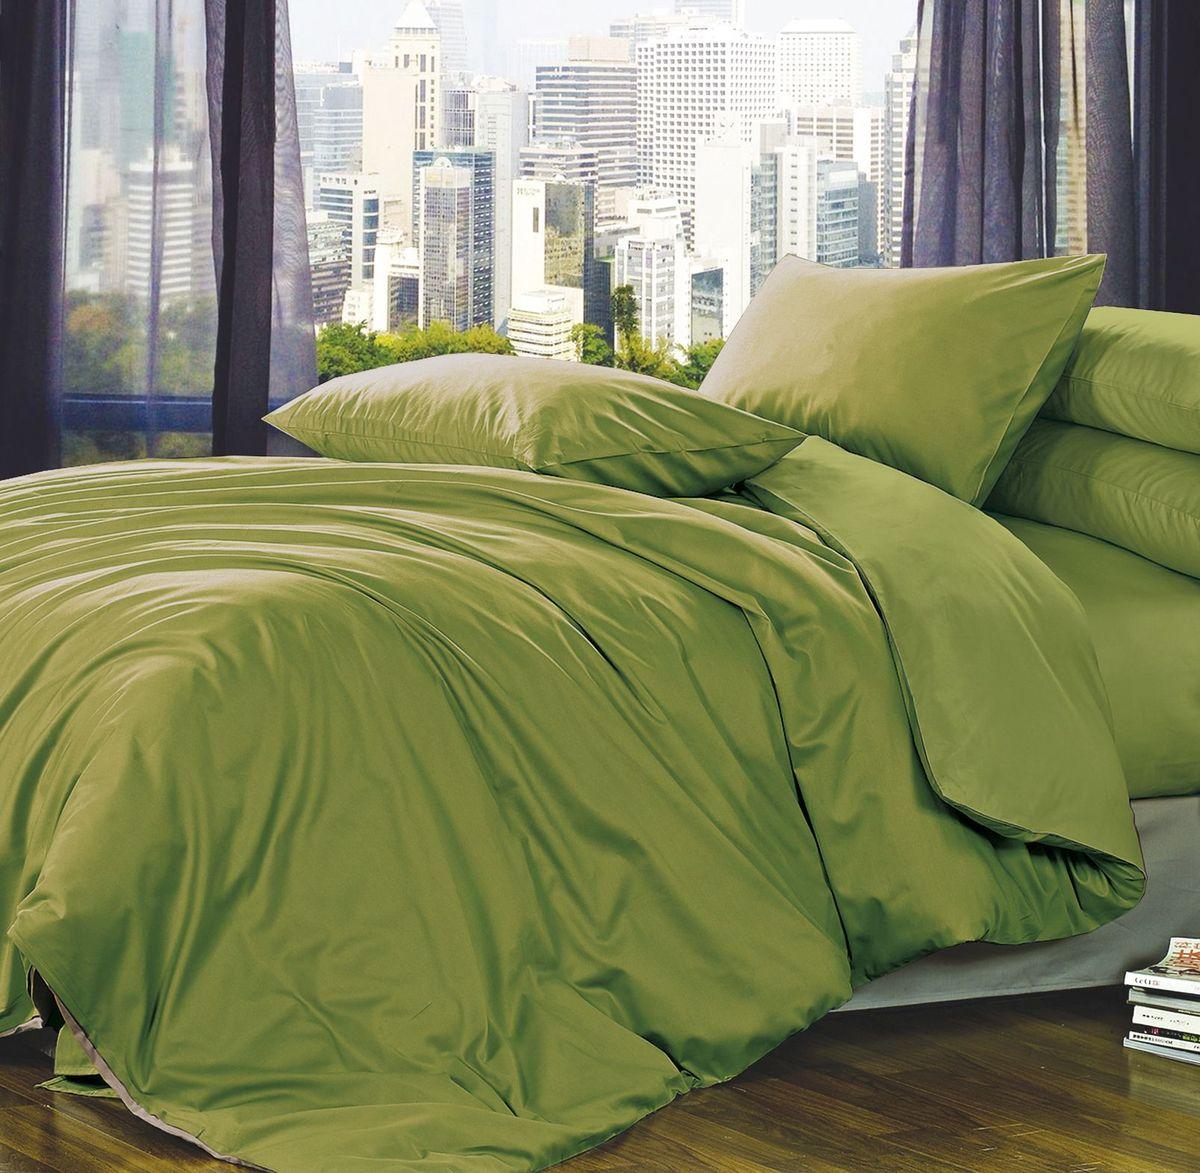 Комплект белья Коллекция Зеленый, 2-спальный, наволочки 70x70. ПС2/70/ОЗ/зелПС2/70/ОЗ/зел